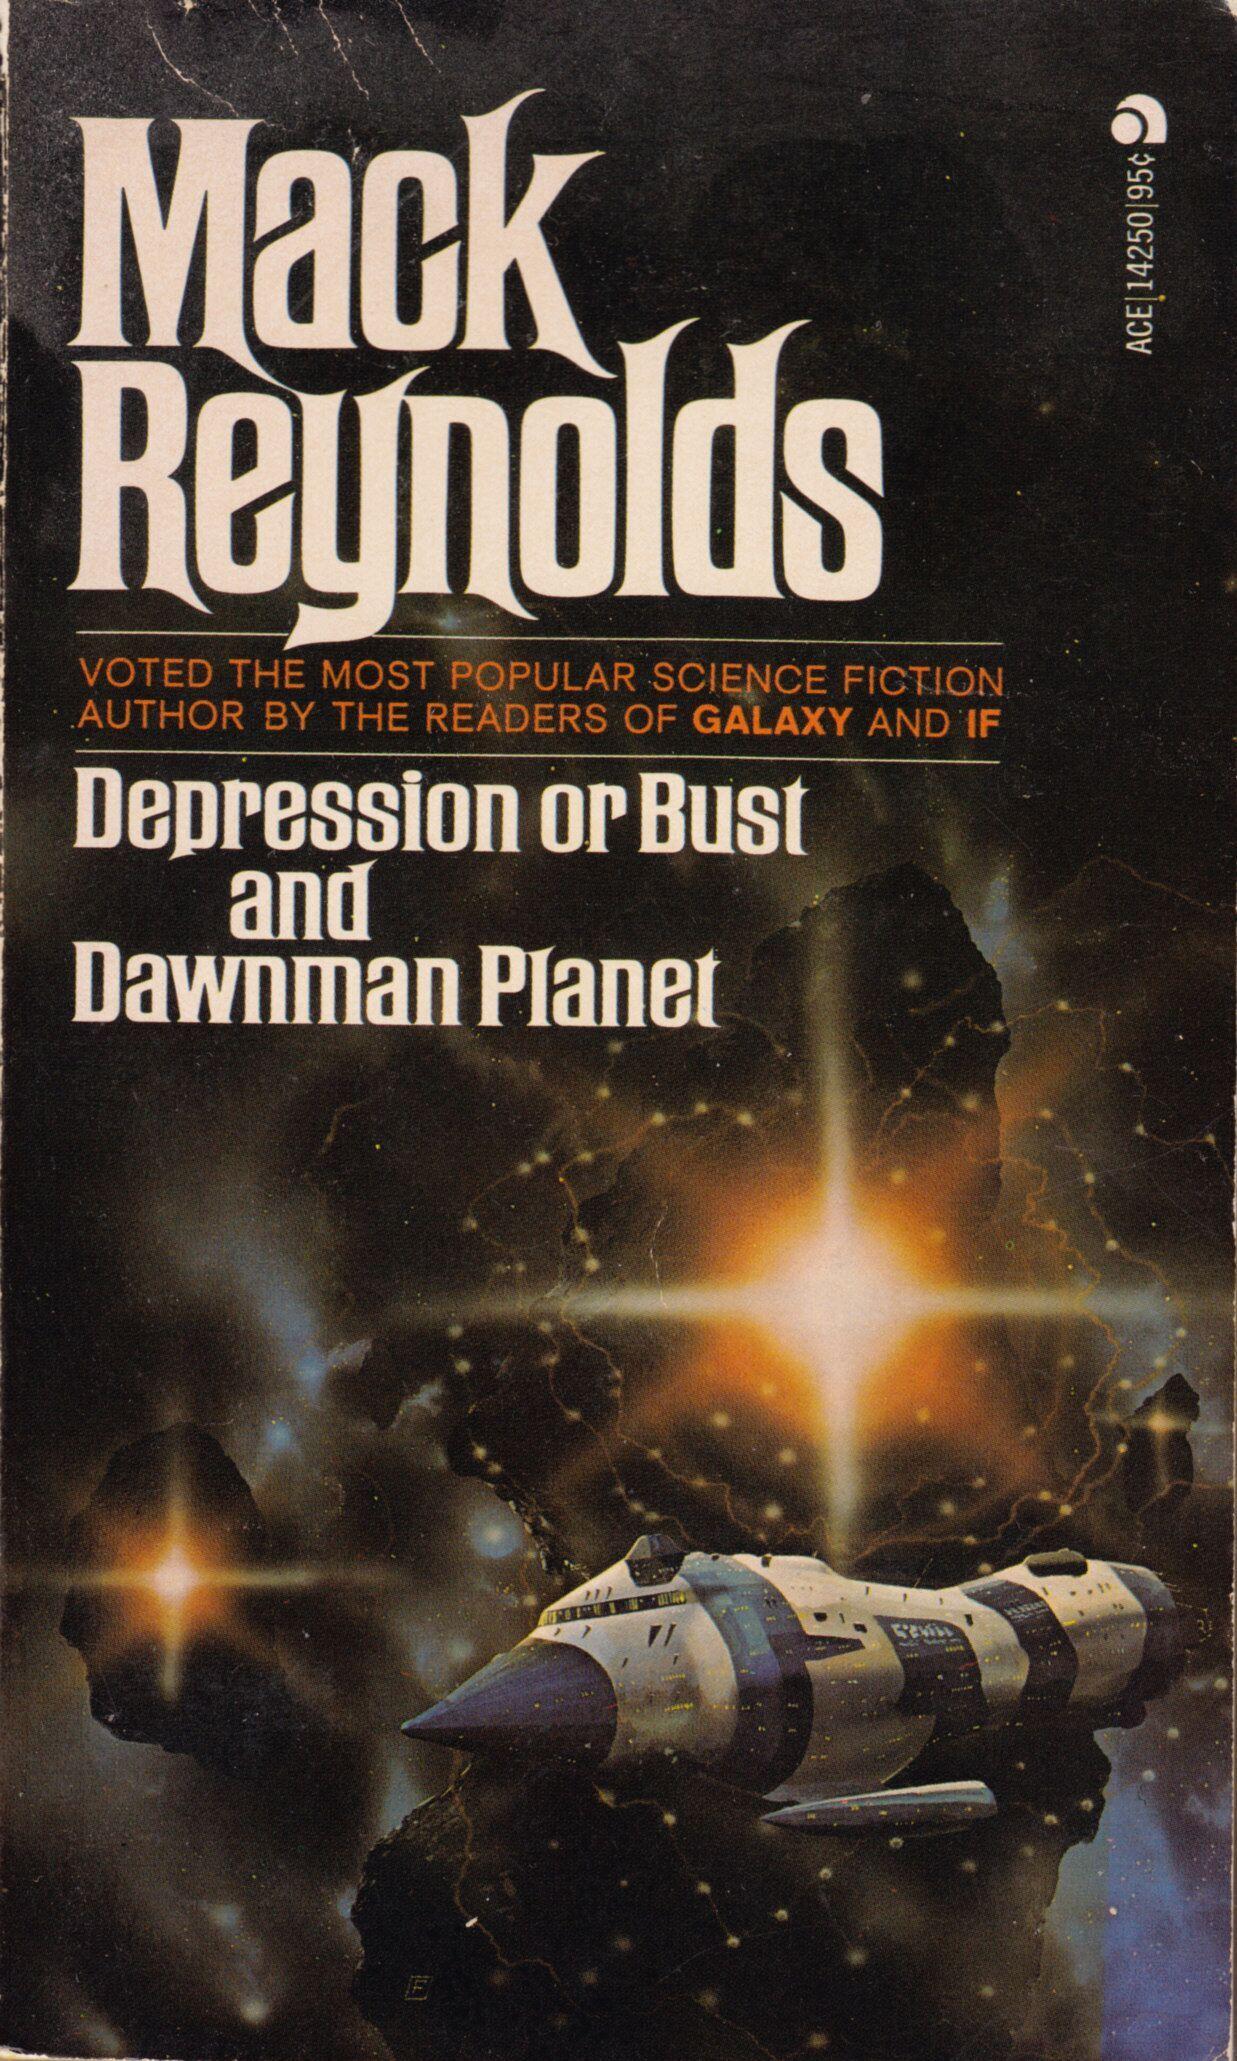 Mack Reynolds - Depression or Bust